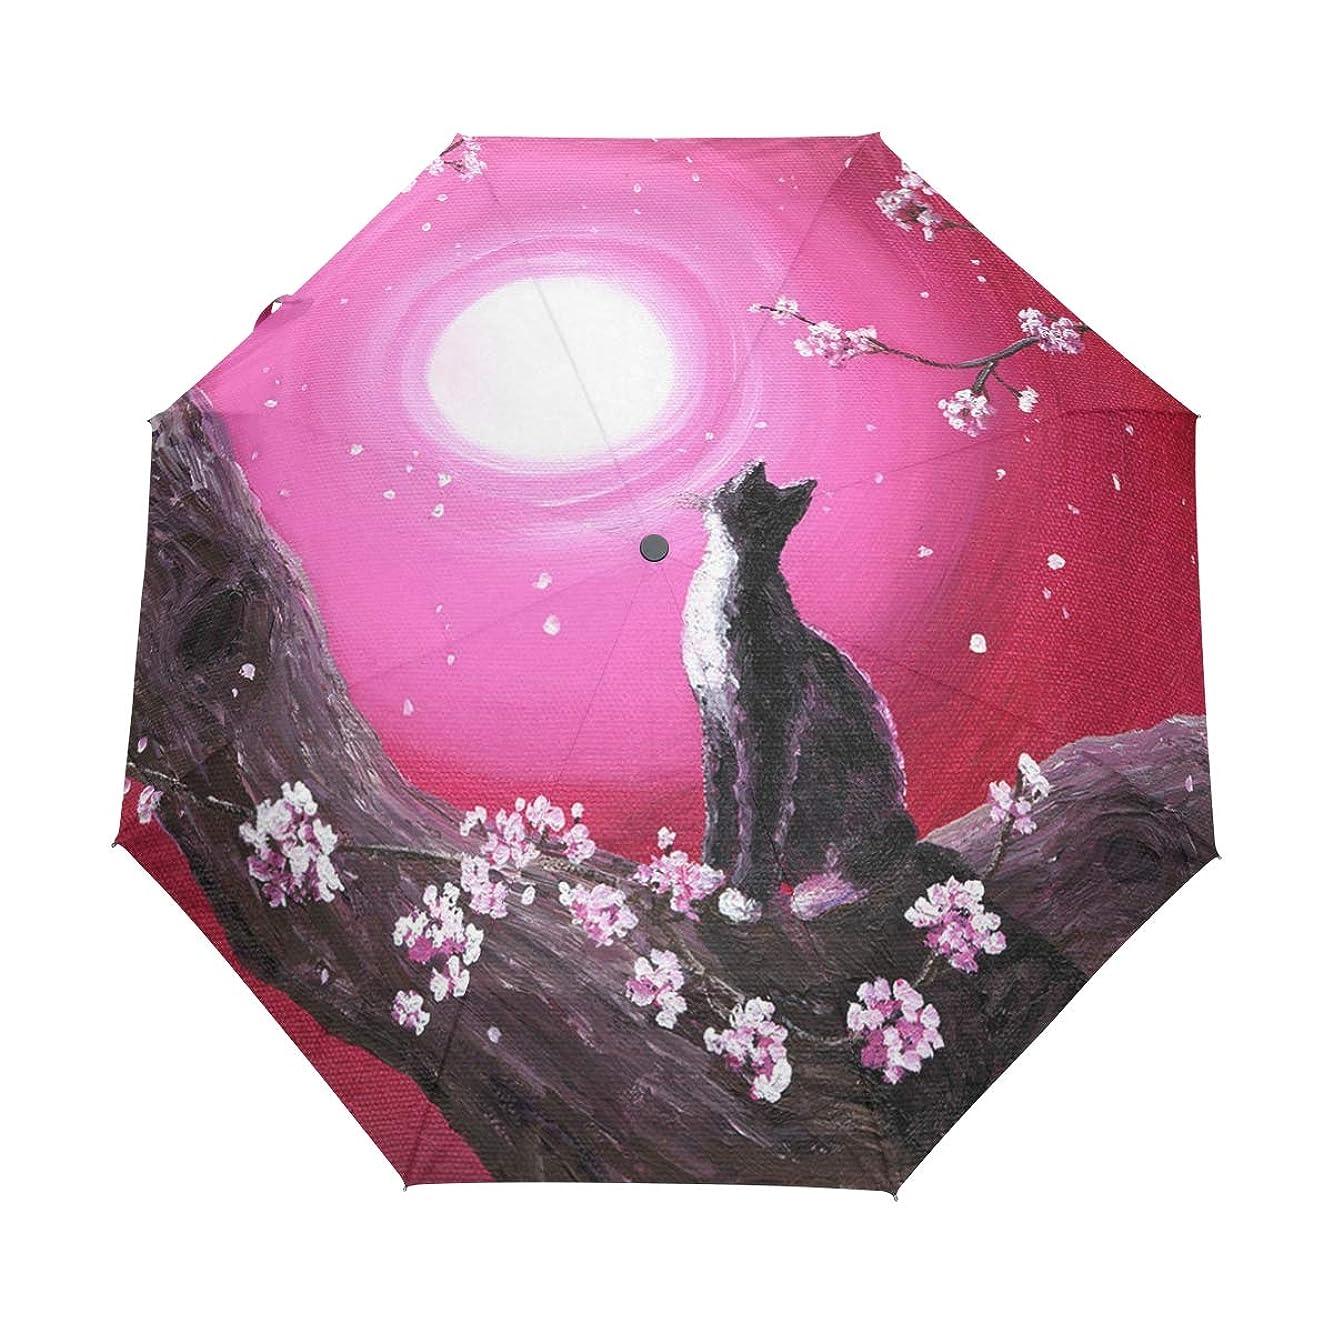 平和的チャート科学折りたたみ傘 猫 桜 折り畳み傘 手開き 三つ折り 梅雨対策 晴雨兼用 UVカット 耐強風 8本骨 収納ポーチ付き